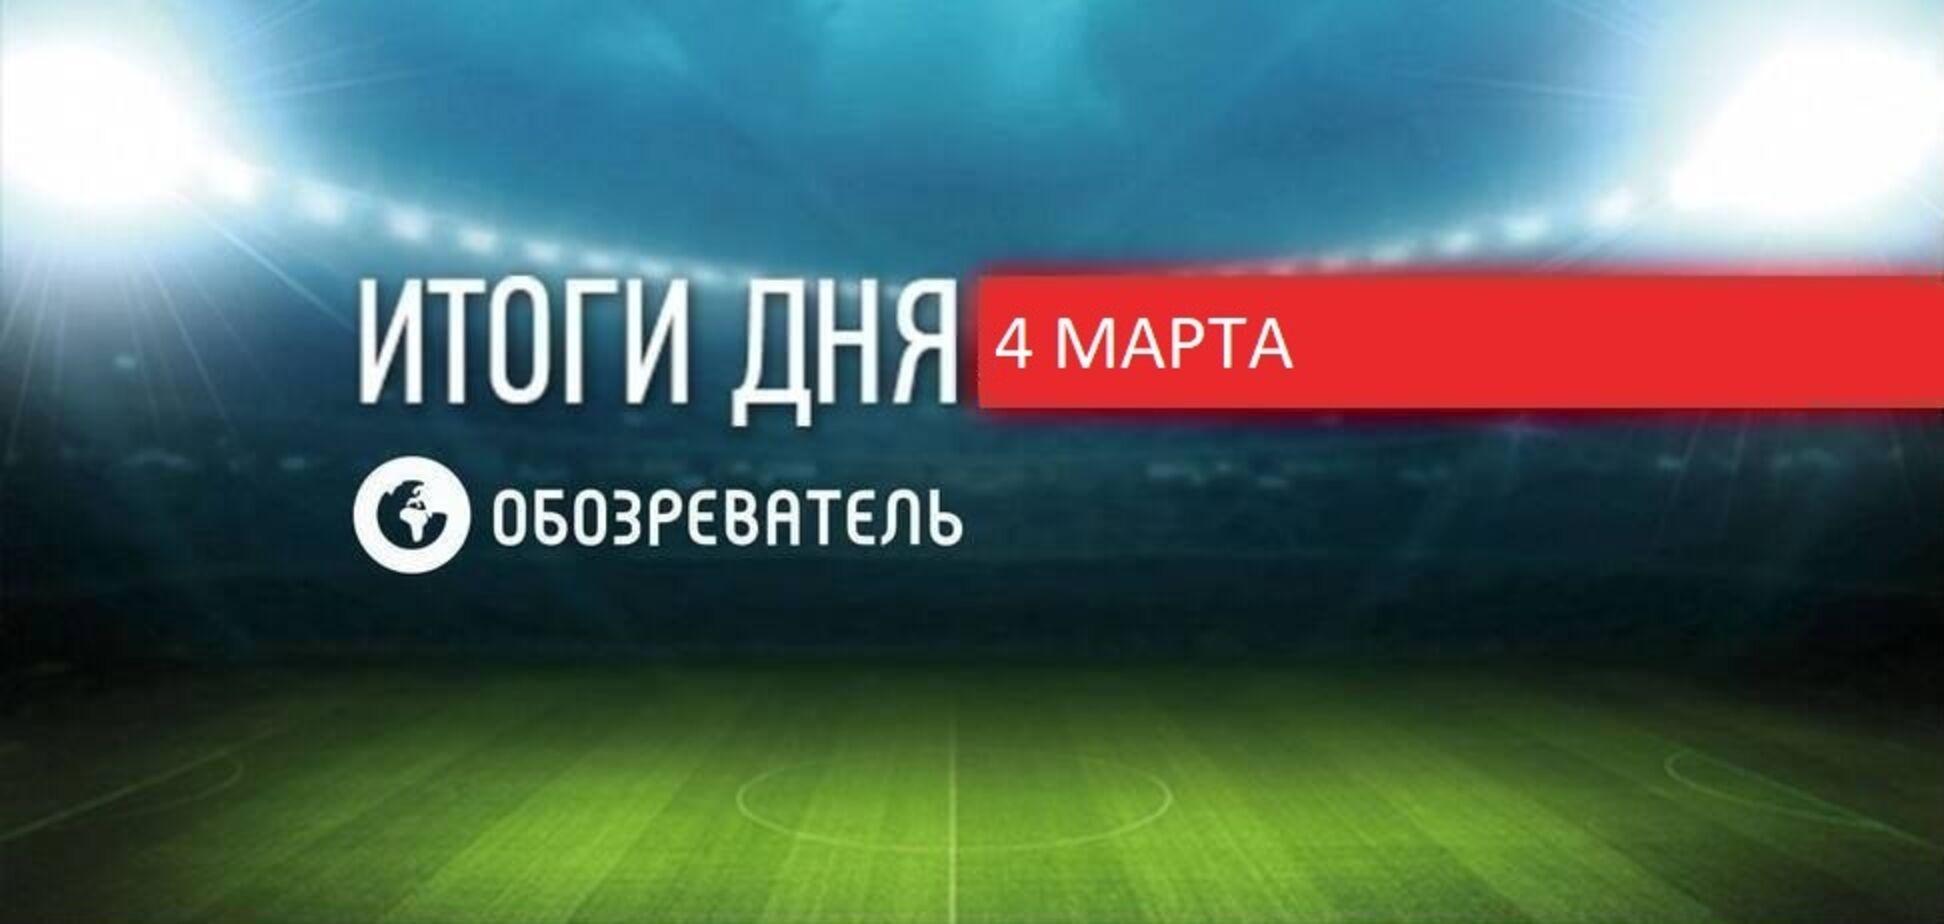 Україні скасували дискваліфікацію на Кубку світу з біатлону: спортивні підсумки 4 березня